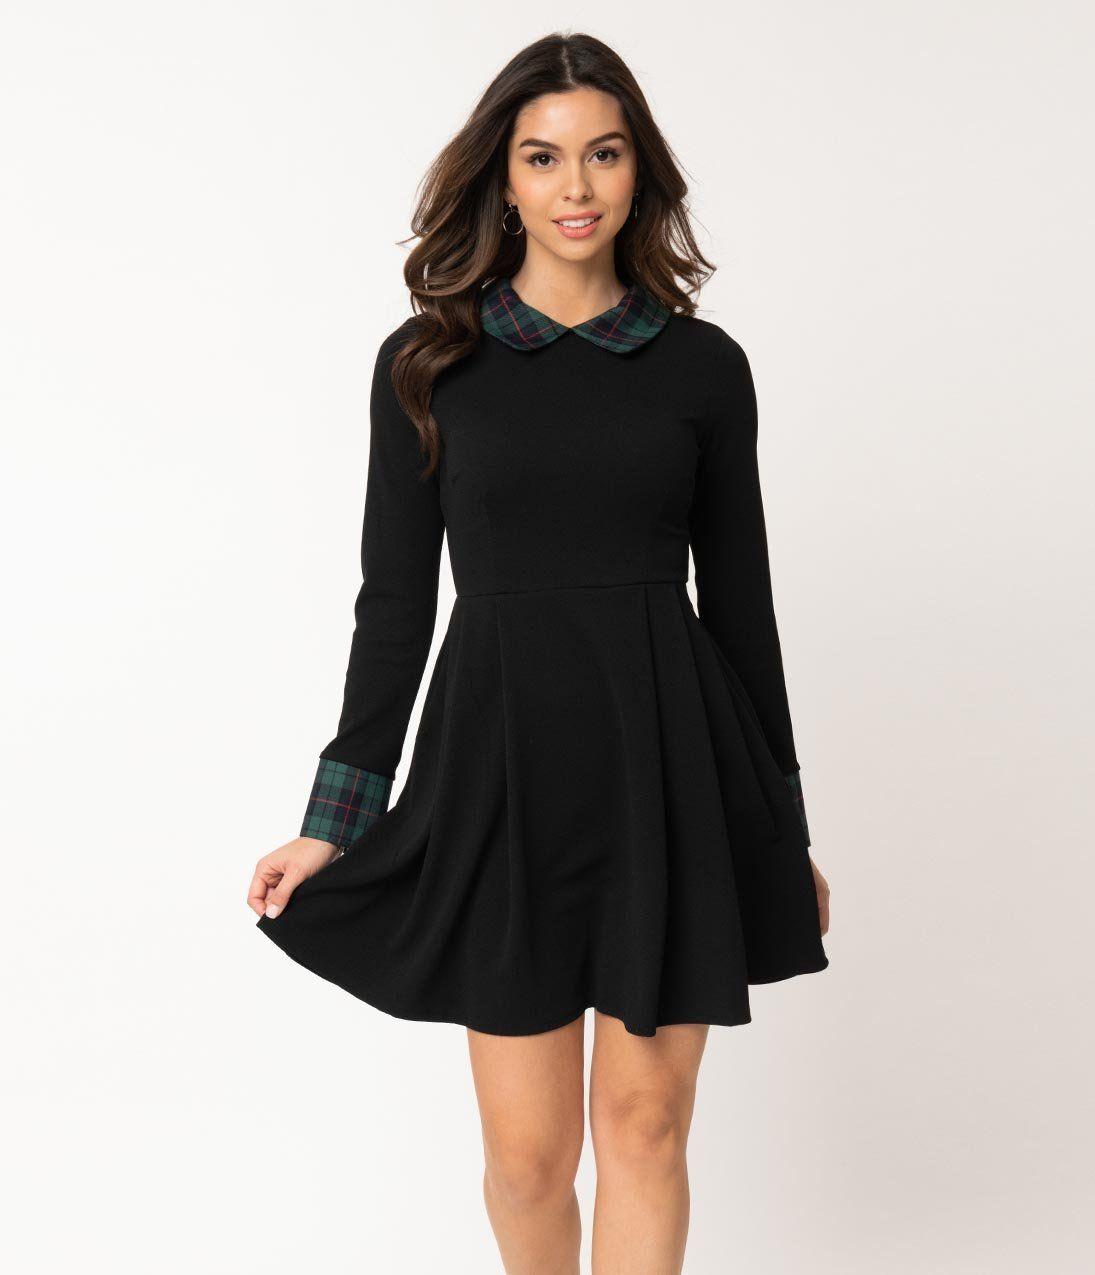 Smak Parlour Black Green Plaid Long Sleeve New A List Fit Flare Dress Fit Flare Dress Dresses Green Plaid Dress [ 1275 x 1095 Pixel ]